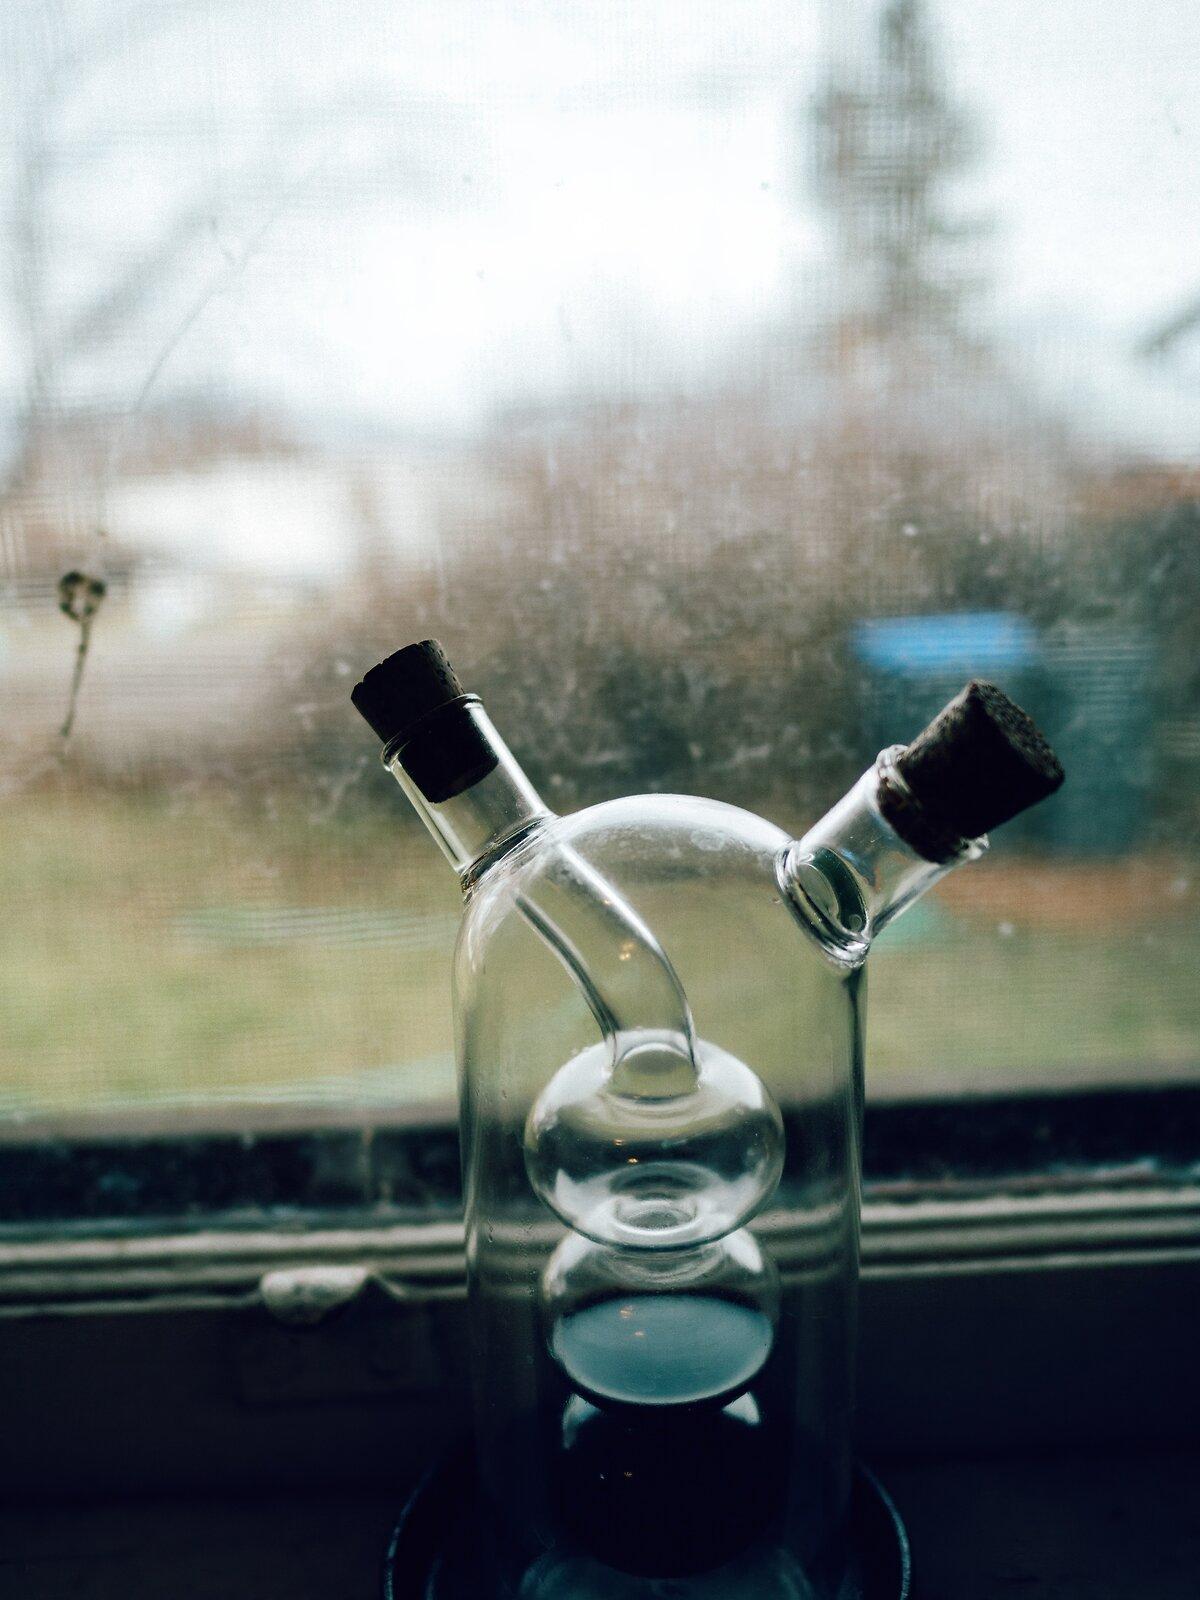 PenF_Jan11_21_oil+vinegar_dispenser.jpg